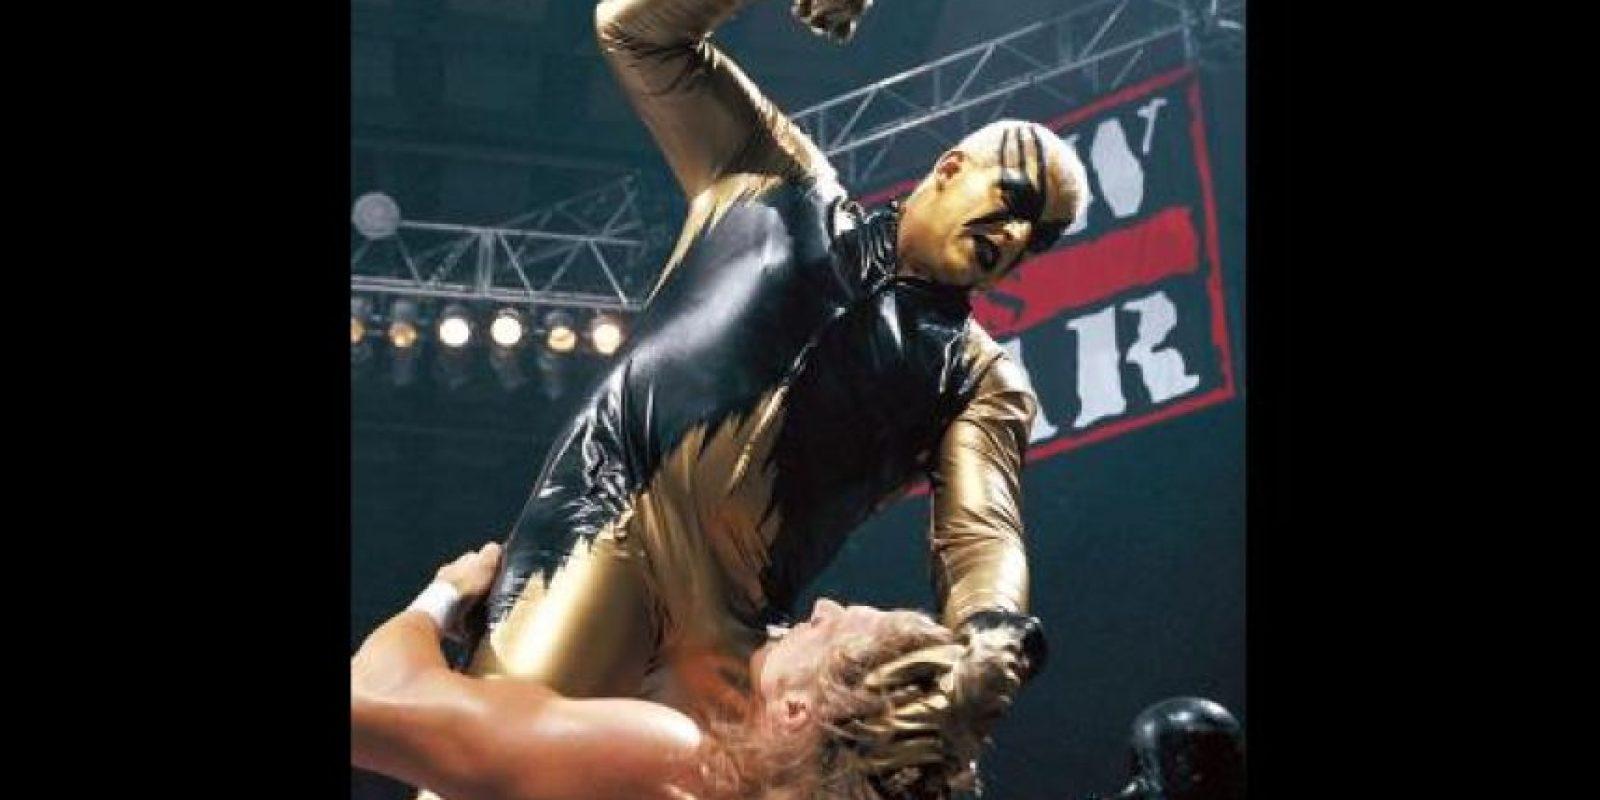 El exótico Goldust se caracteriza por cubrirse de oro de pies a cabeza Foto:WWE